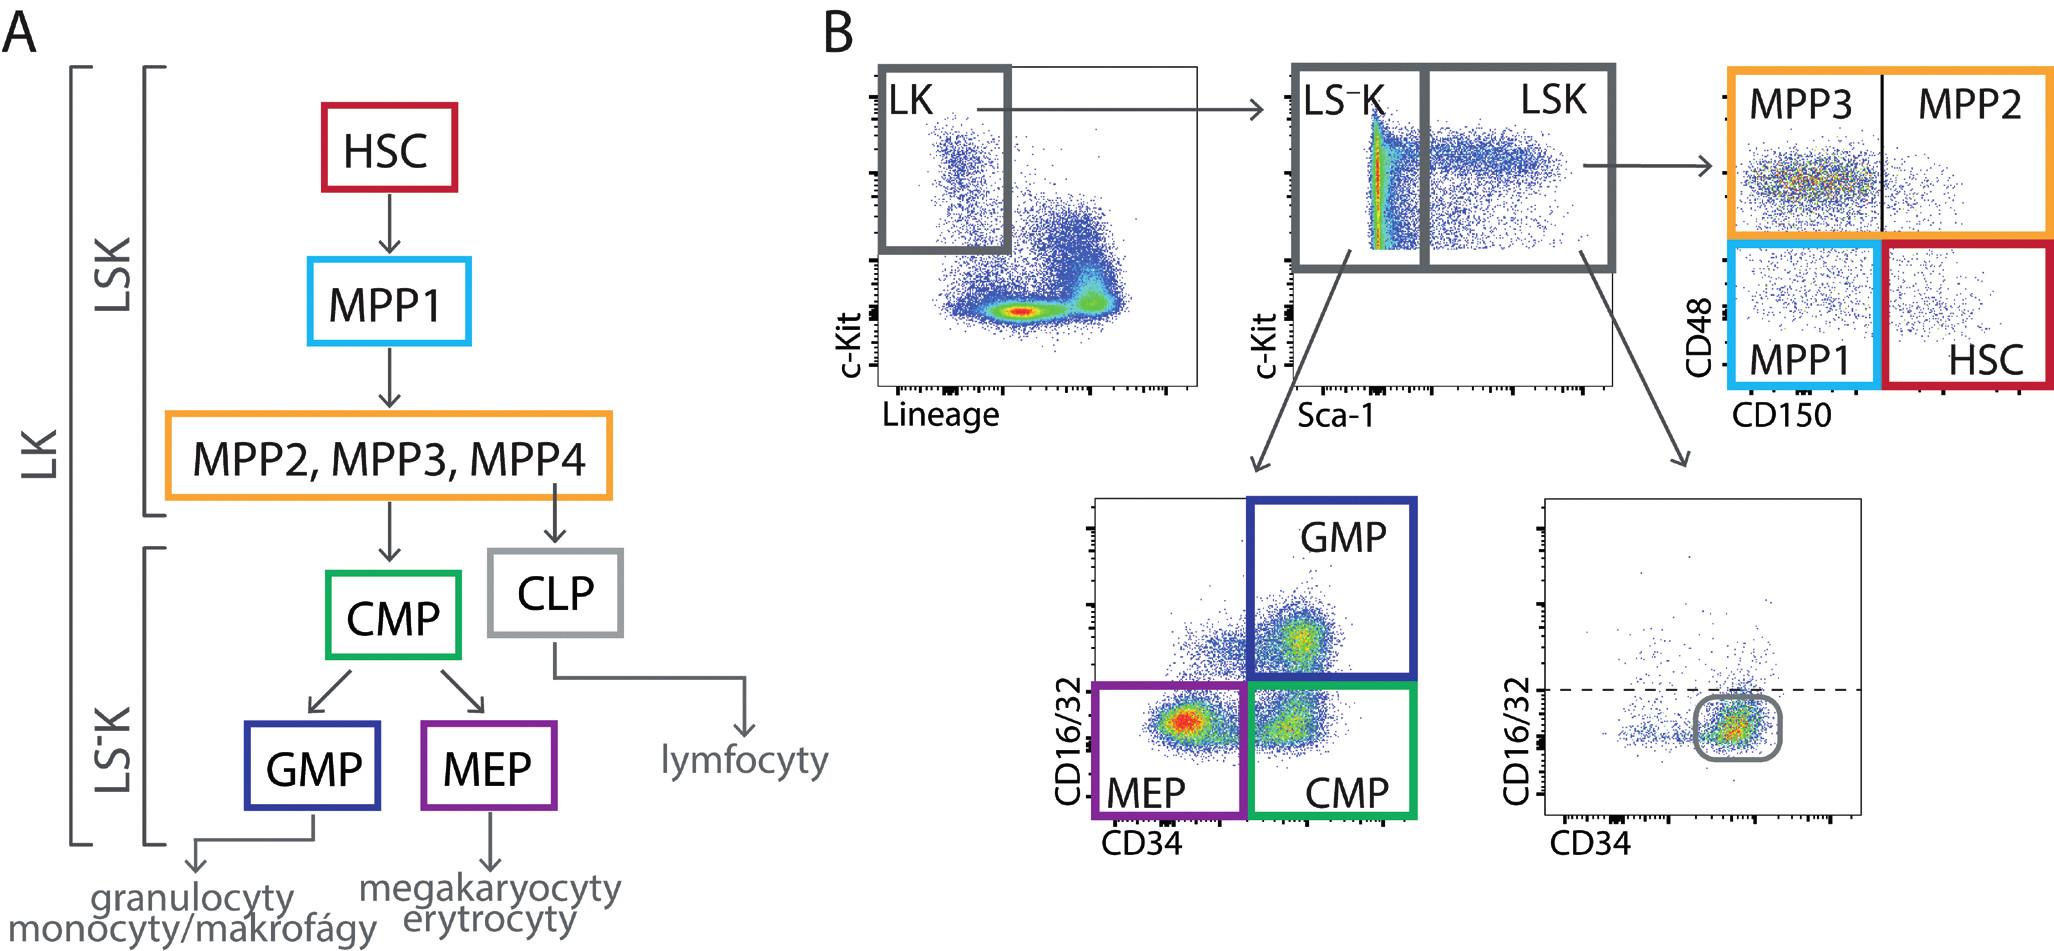 (A) Kmenové buňky (HSC), multipotentní progenitory (MPP) a myeloidní progenitory (CMP, GMP a MEP) tvoří vývojovou hierarchii stále více diferencovaných buněk se stále menším spektrem krevních buněk, kterým mohou dát vzniknout. (B) Nezralé buňky v kostní dřeni myší nemají liniové znaky (L) a exprimují receptor c-Kit (K; LK buňky). Dělí se na méně zralé buňky LSK a zralejší buňky LS– K pomocí znaku Sca-1 (Stem cell antigen-1). Buňky LSK lze rozlišit pomocí znaků CD150, CD48 a CD135 na buňky kmenové (HSC) a čtyři druhy multipotentních progenitorů (MPP1, MPP2, MPP3 a MPP4). MPP4 mají výrazně lymfoidní vývojový potenciál. Na obrázku není jejich určení pomocí znaku CD135 (Flt3) ukázáno. Rozdělení LSK buněk podle znaků CD34 a CD16/32 není běžně používáno, je zde jen uvedeno pro porovnání s buňkami LS– K. Buňky LS– K obsahují progenitory myeloidních buněk, které lze rozlišit pomocí znaků CD34 a CD16/32 na CMP – společný (common) progenitor myeloidních buněk, GMP – progenitor granulocytů a makrofágu a MEP – progenitor megakaryocytů a erytroidních buněk. Buňky LSK mají v normální tkáni CD34/CD16-32 fenotyp stejný jako buňky CMP.